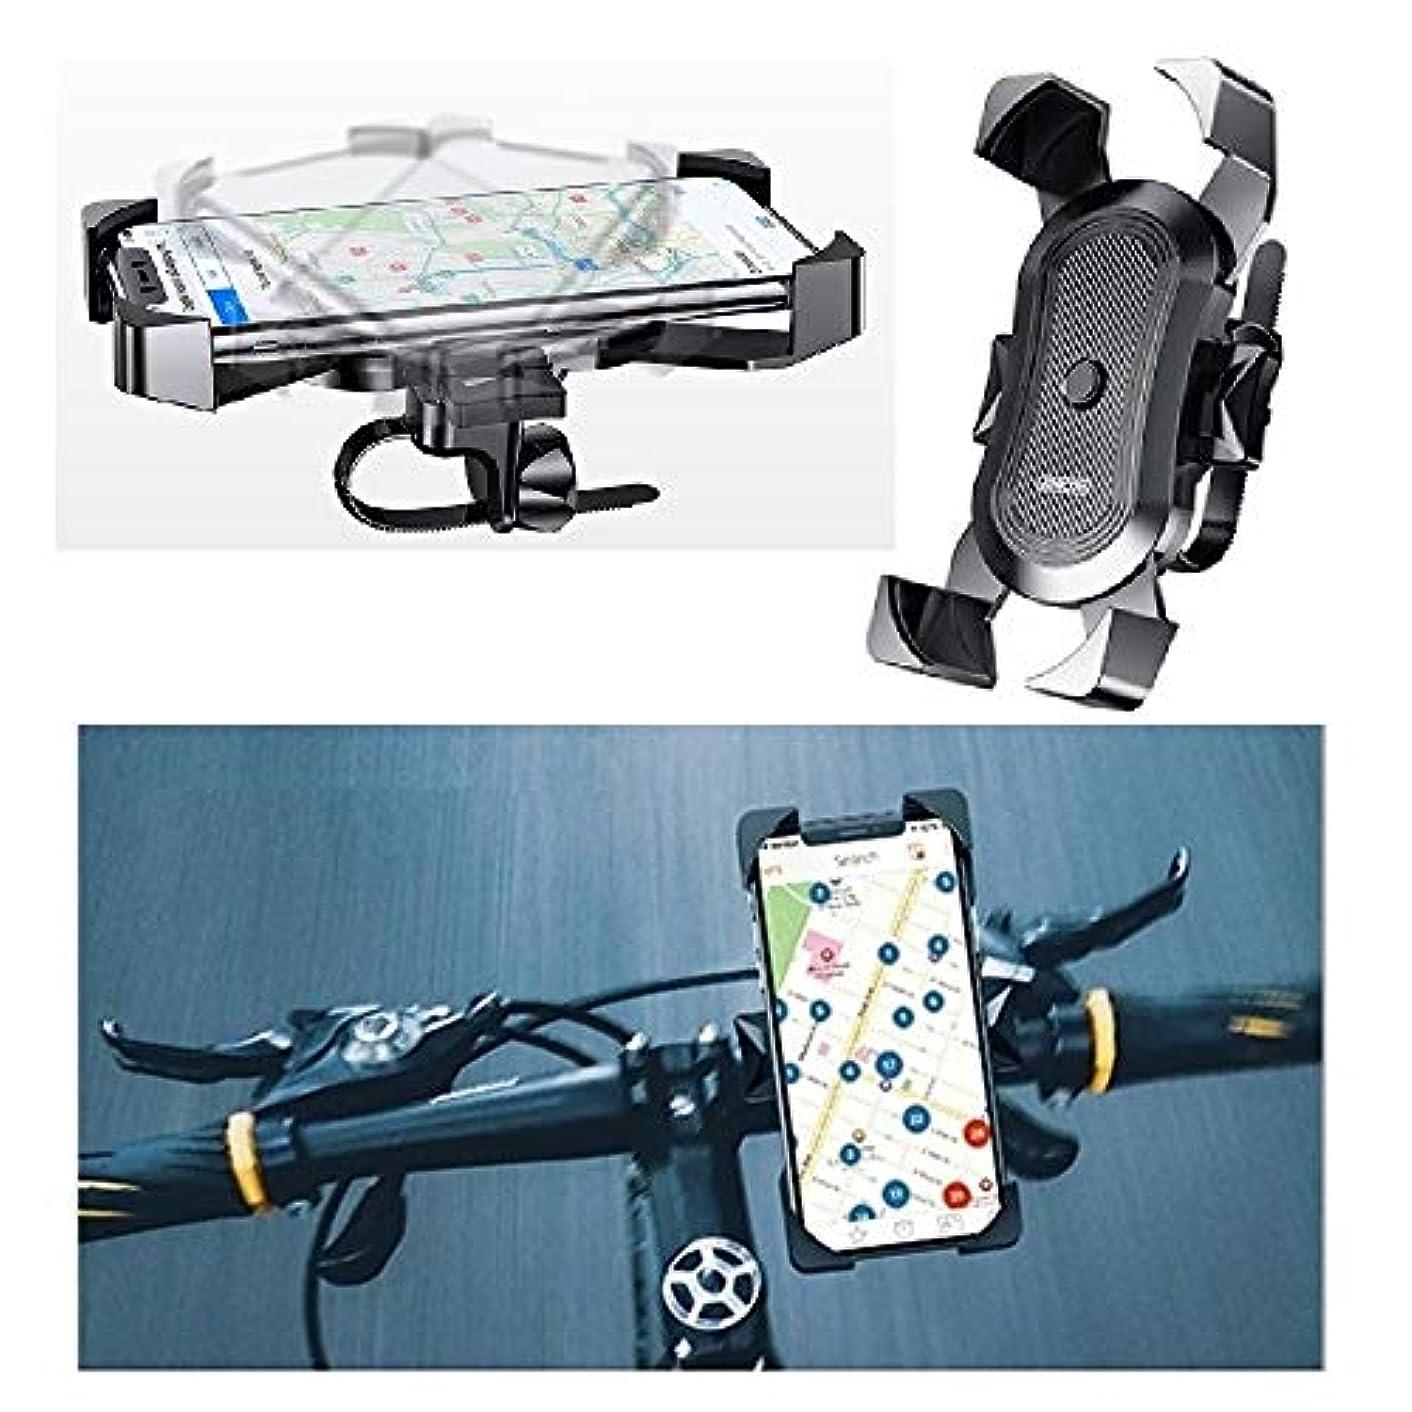 人類のためにひらめきDFV mobile - プロ仕様の自転車とオートバイのハンドルバーマウント360回転式および自動 端末対応iPhone SE (2020) - 黒